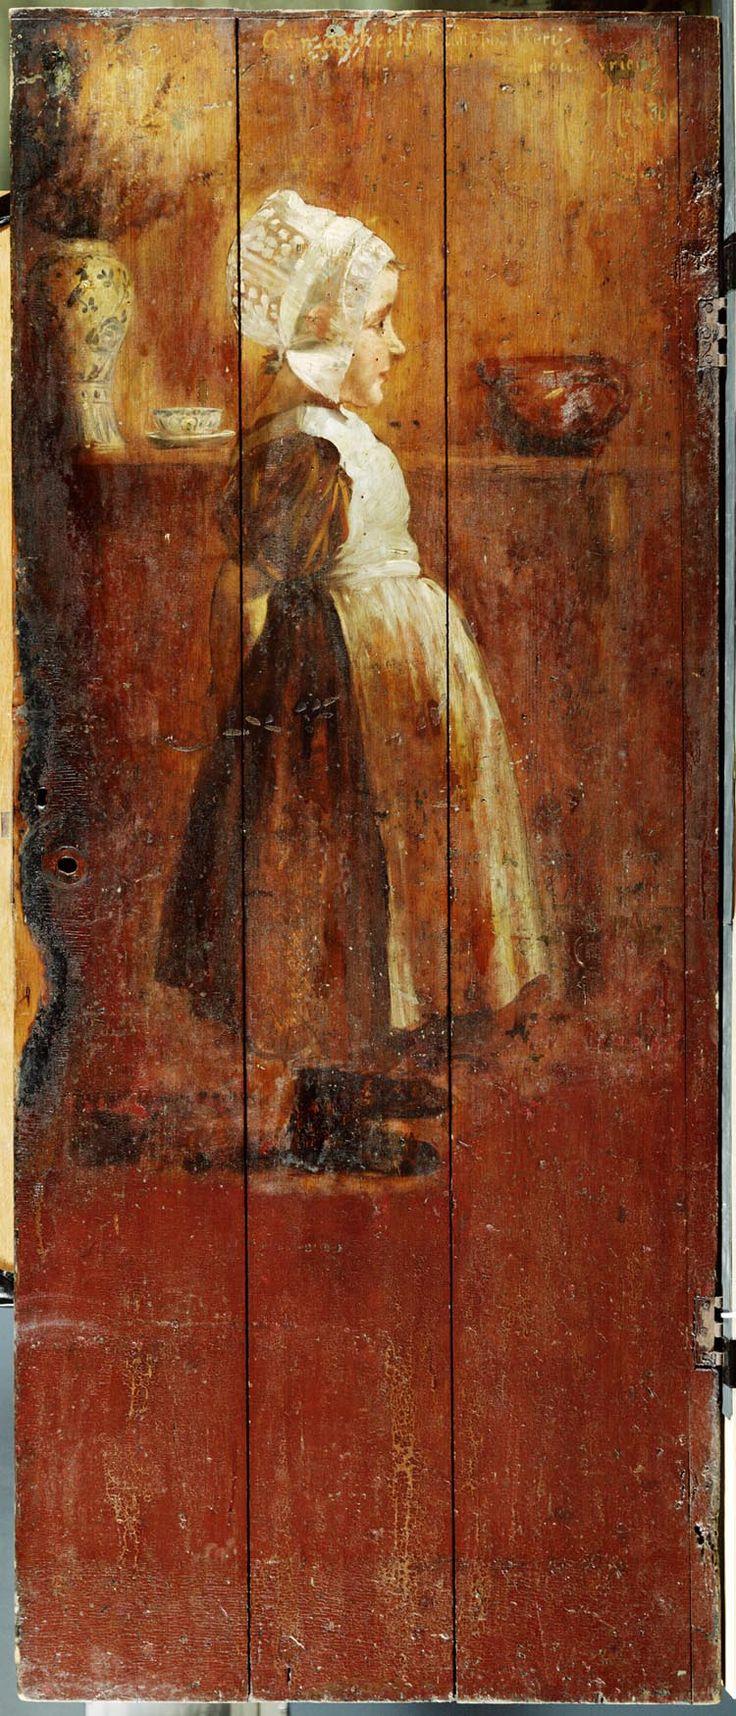 1896 L. Noster (1858-1910) Kunstenaars hadden belangstelling voor oude interieurs. Zij gebruikten ze als achtergrond in hun schilderijen. In Edam konden ze terecht bij de bakker. Naast de bakkerswinkel was een stijlkamer ingericht, die de 'Kunstbakkerij' werd genoemd. Als blijk van dank hebben kunstenaars deze schilderingen aangebracht op een van de wanden. Het betreft hier een deel van de betimmering uit de Kunstbakkerij Edam #NoordHolland #Volendam